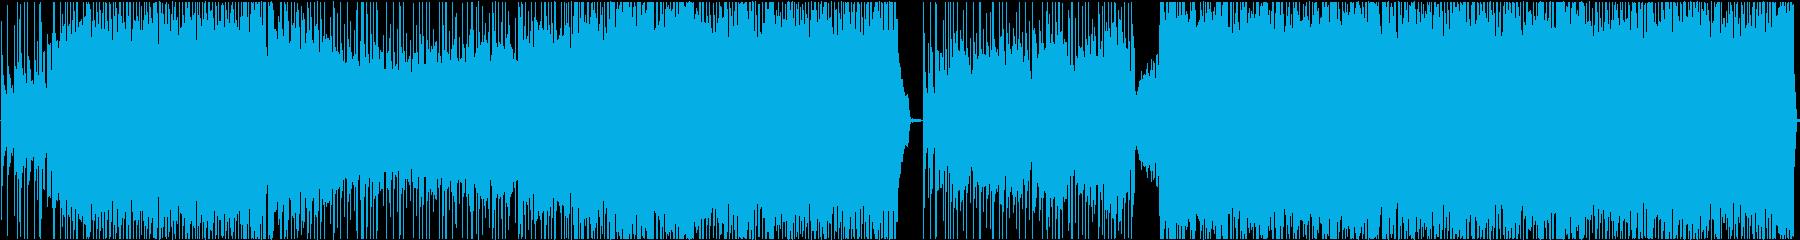 激しく侵食してくる重たいギターロックの再生済みの波形